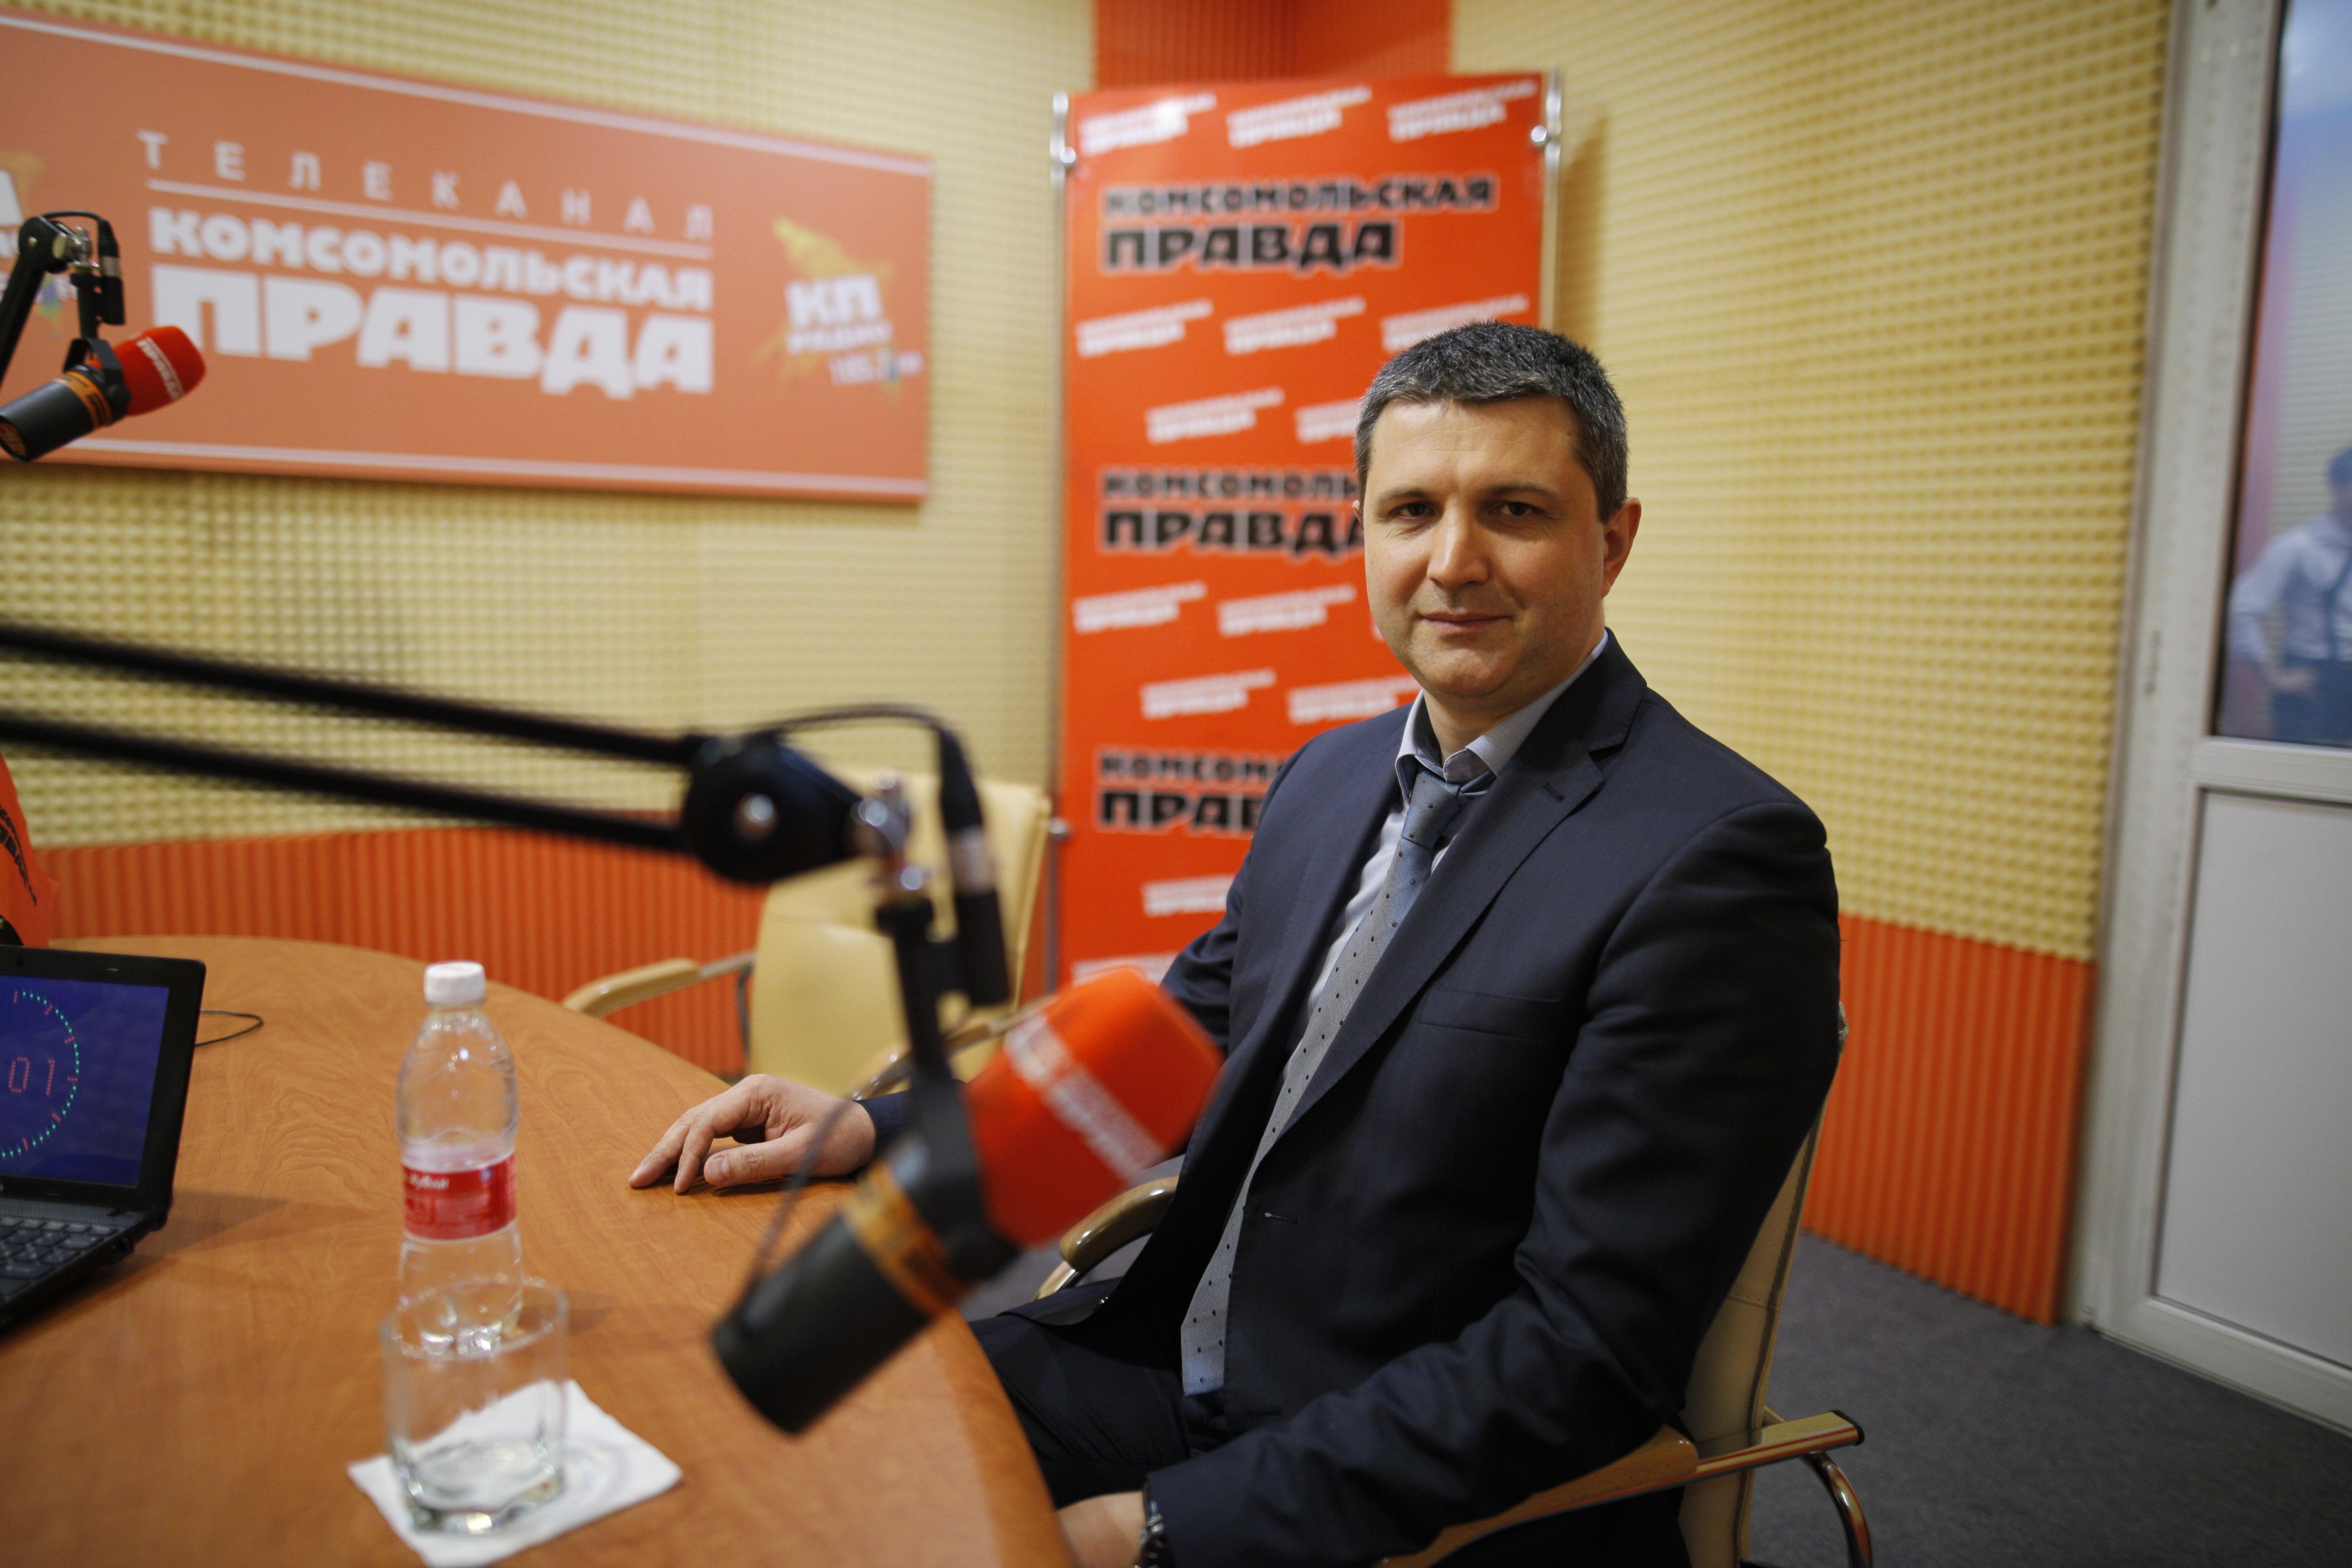 Руководитель трудовой инспекции Ставропольского края - Кочерга Андрей Викторович